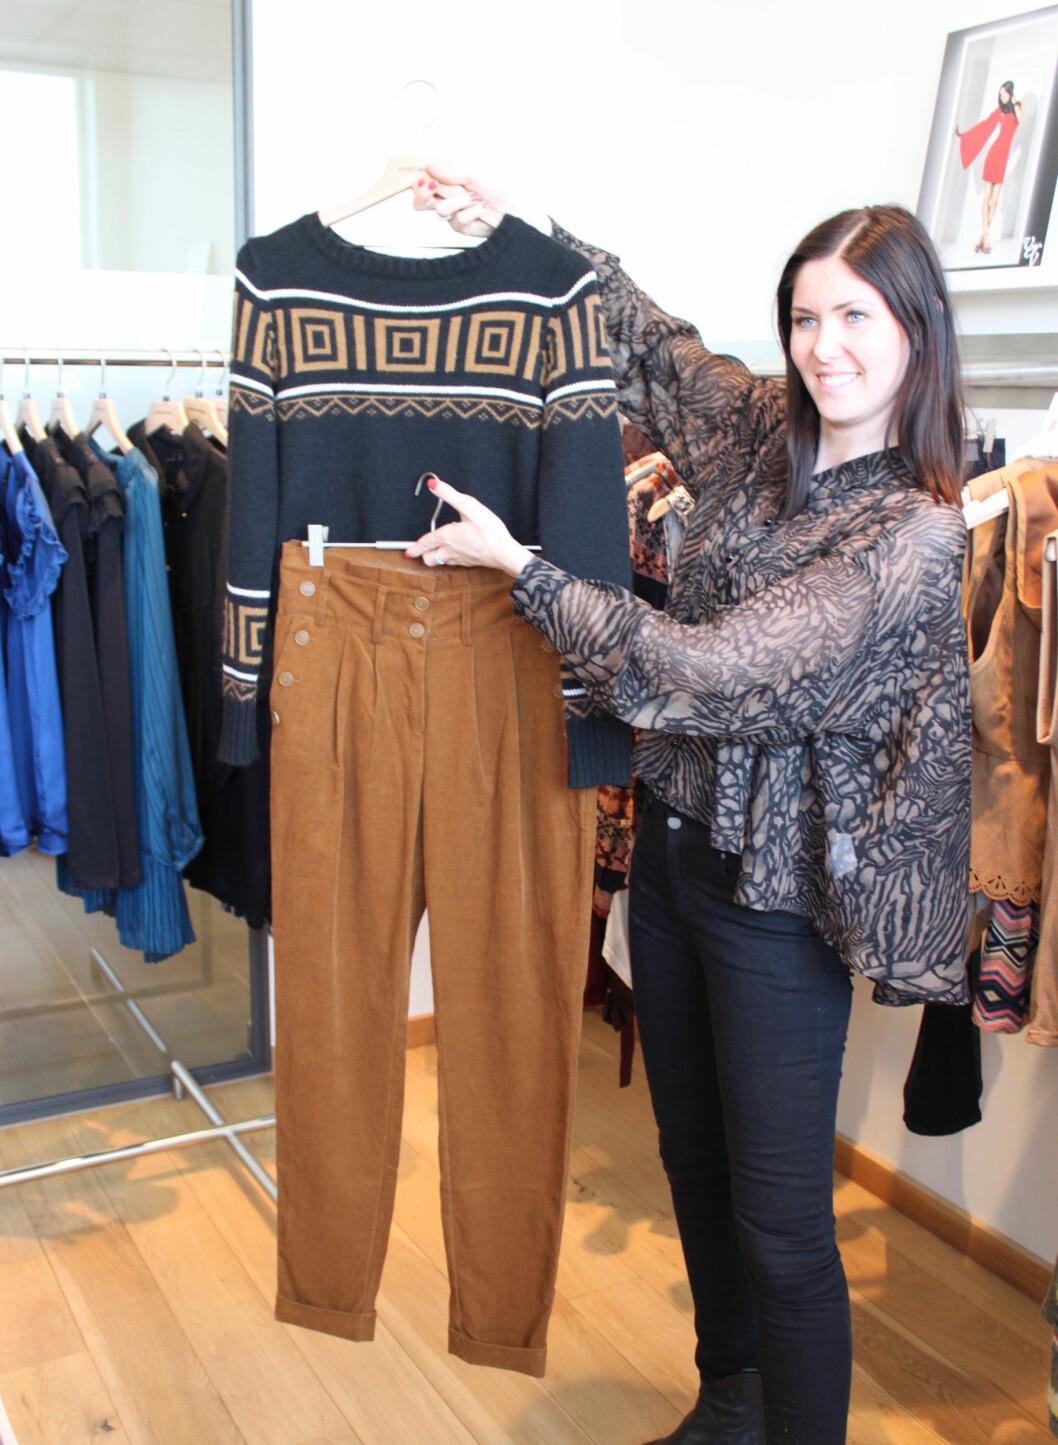 High waist-bukser og korte gensere fortsetter. Foto: Tone Ra Pedersen